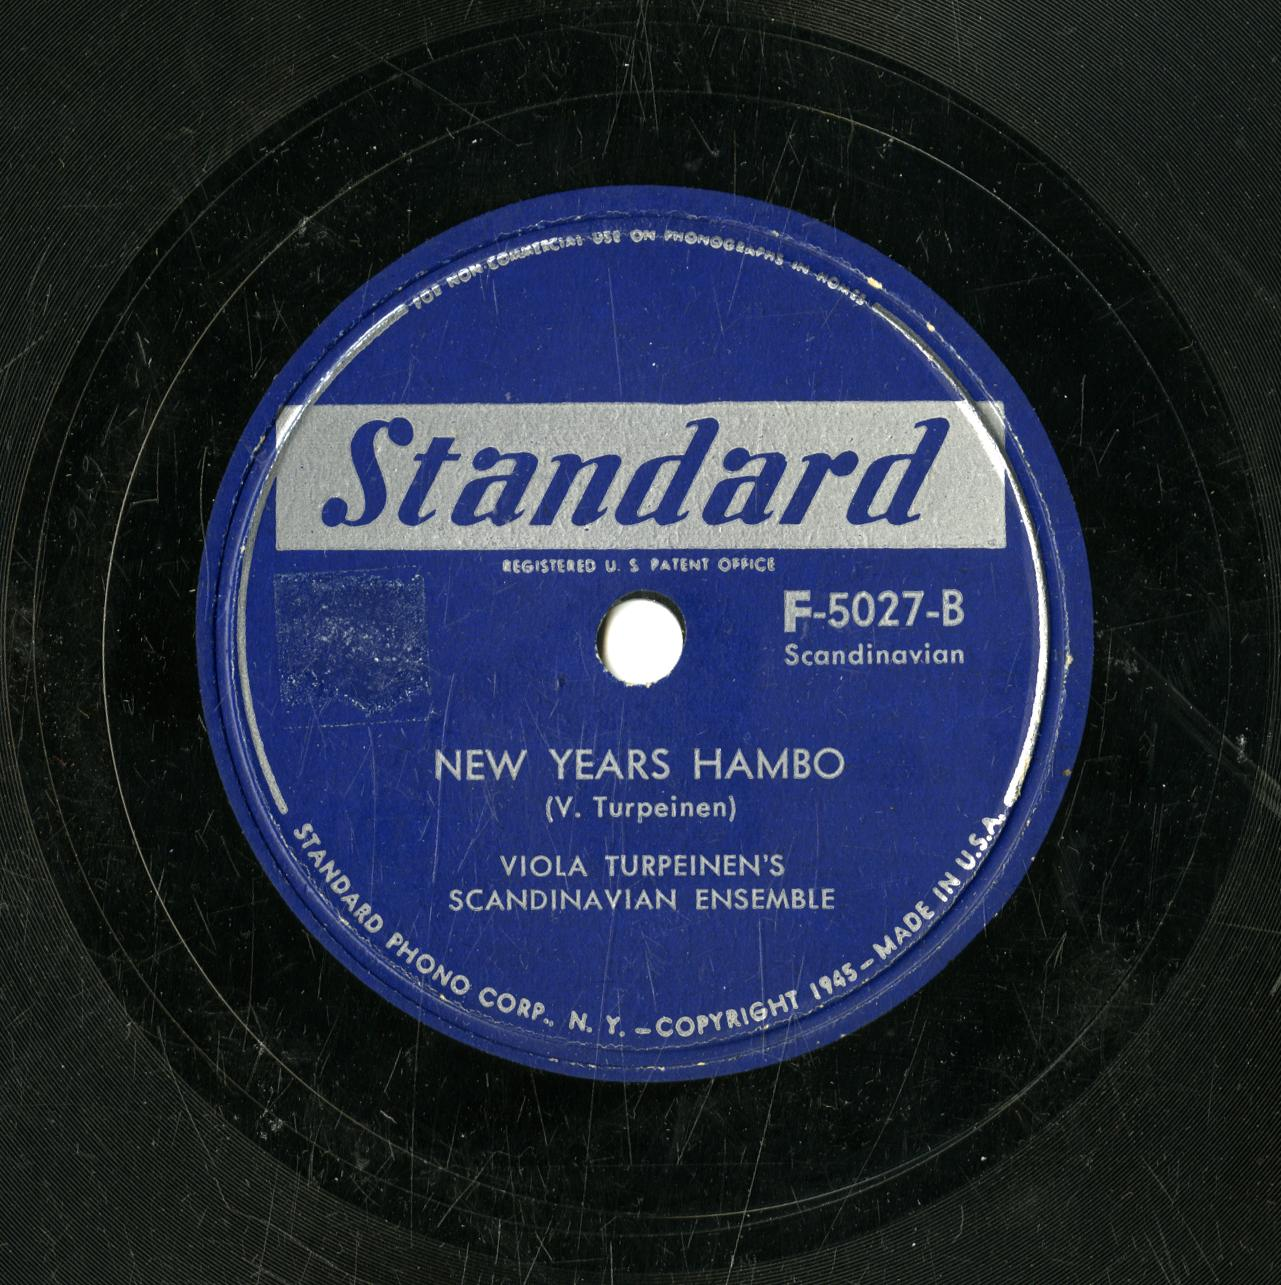 New Years hambo (1 of 2)